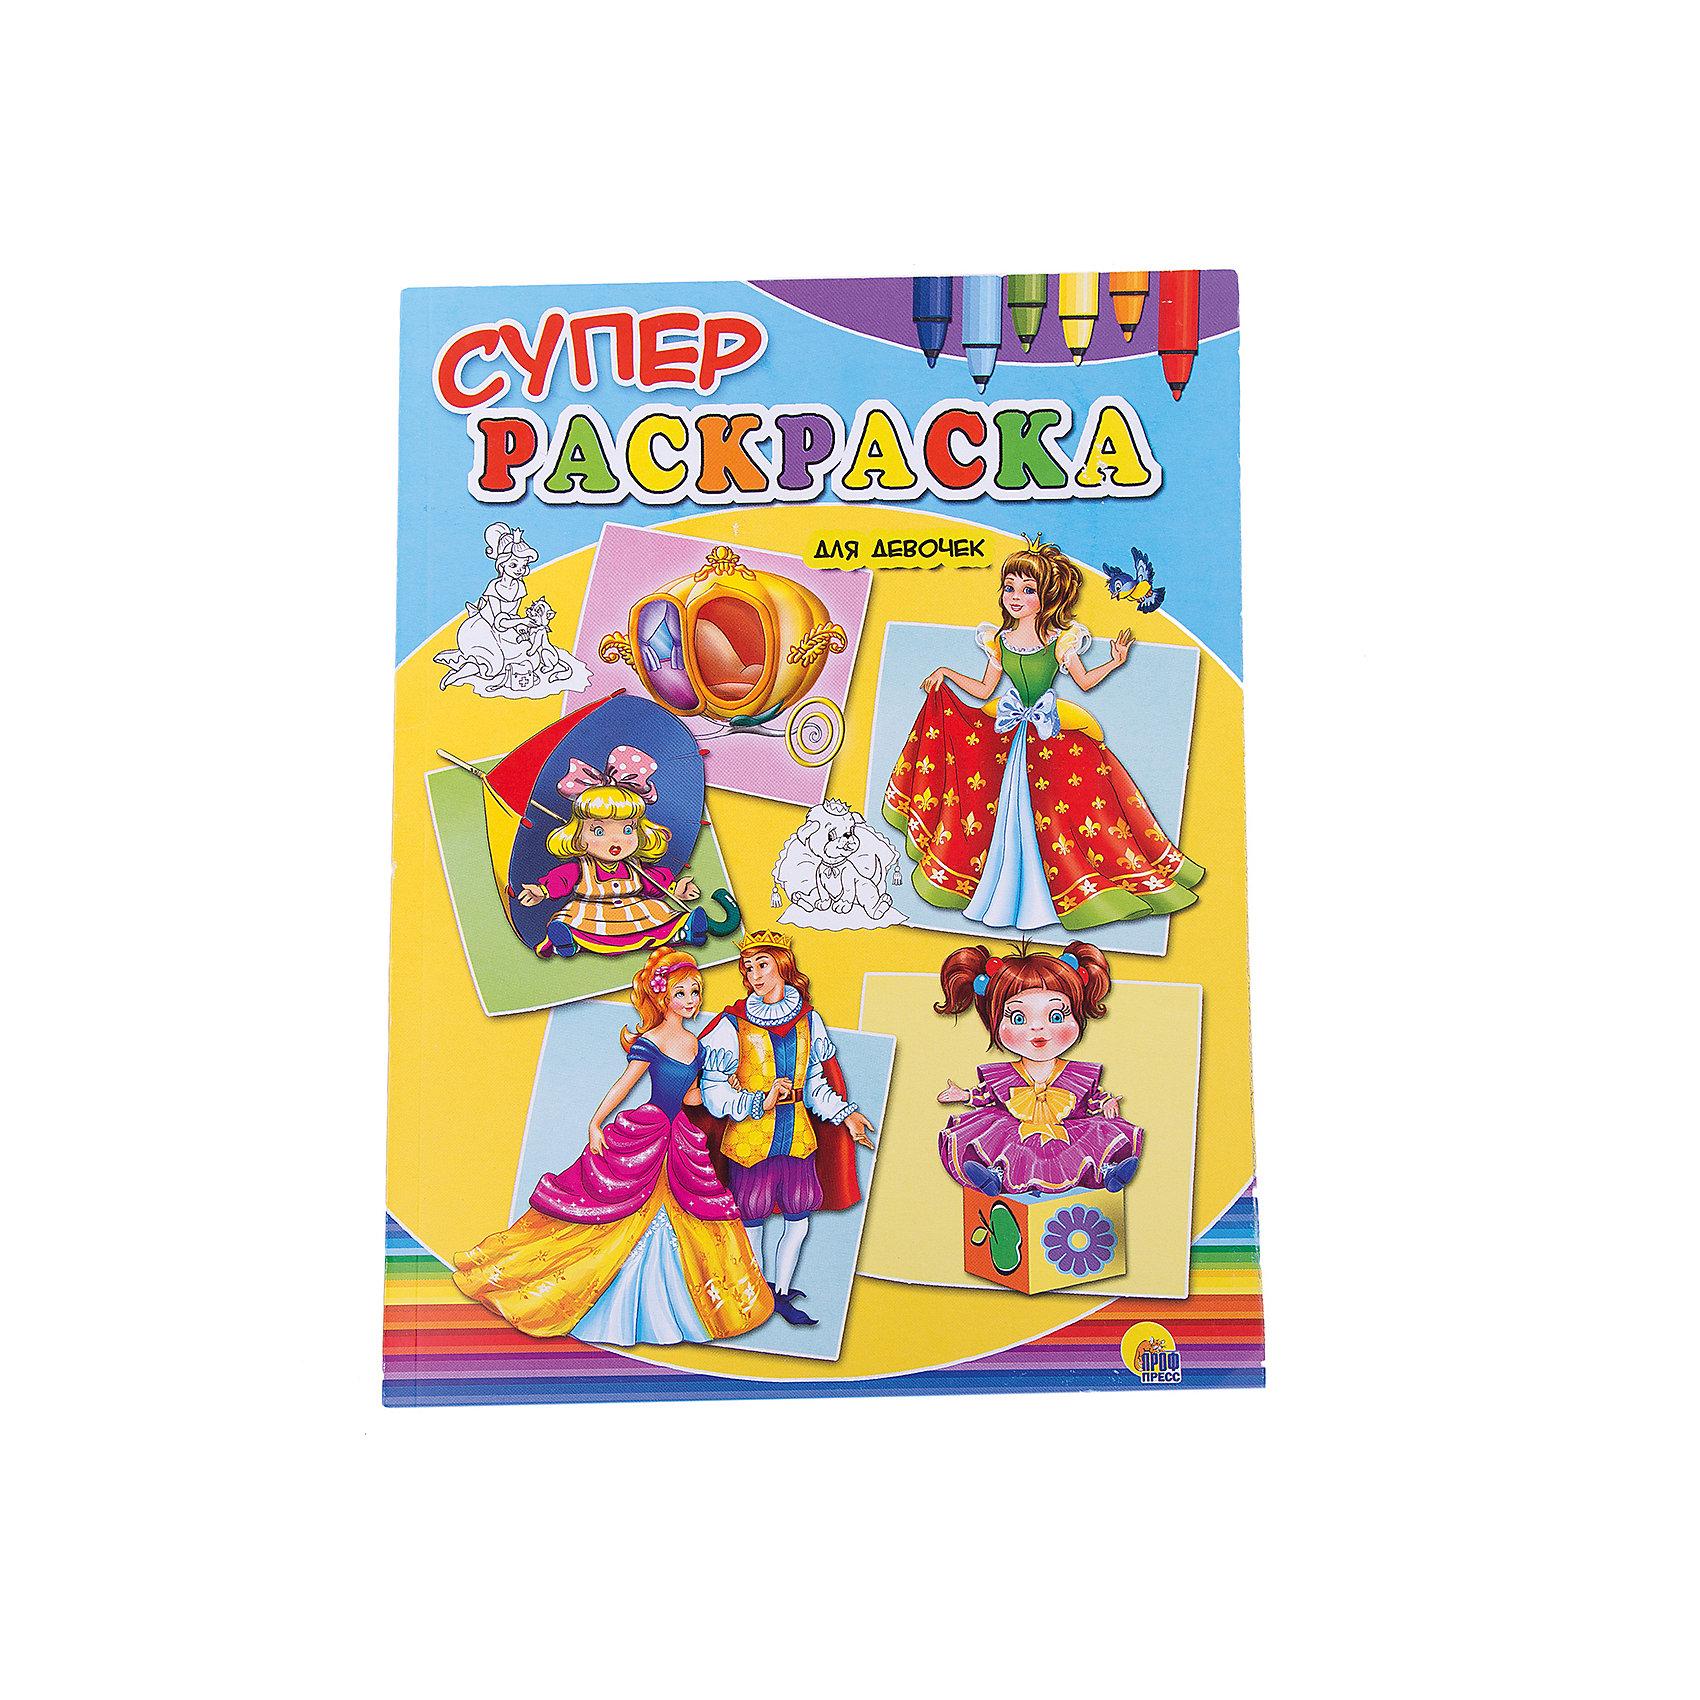 Суперраскраски Для девочекРисование<br>Книжки-раскраски помогают детям познавать мир и учиться многим вещам, а также позволяют ребенку весело проводить время. Эти издания стимулируют развитие воображения, логики и творческого мышления.<br>Данная раскраска содержит множество картинок, которые можно наполнить красками по своему усмотрению! Такое занятие обязательно понравится малышам и позволит надолго занять непоседу!<br>  <br>Дополнительная информация:<br><br>страниц: 160; <br>размер: 210х275 мм;<br>вес: 210 г.<br><br>Суперраскраски Для девочек от издательства Проф-Пресс можно купить в нашем магазине.<br><br>Ширина мм: 200<br>Глубина мм: 5<br>Высота мм: 260<br>Вес г: 210<br>Возраст от месяцев: 36<br>Возраст до месяцев: 72<br>Пол: Женский<br>Возраст: Детский<br>SKU: 4787221